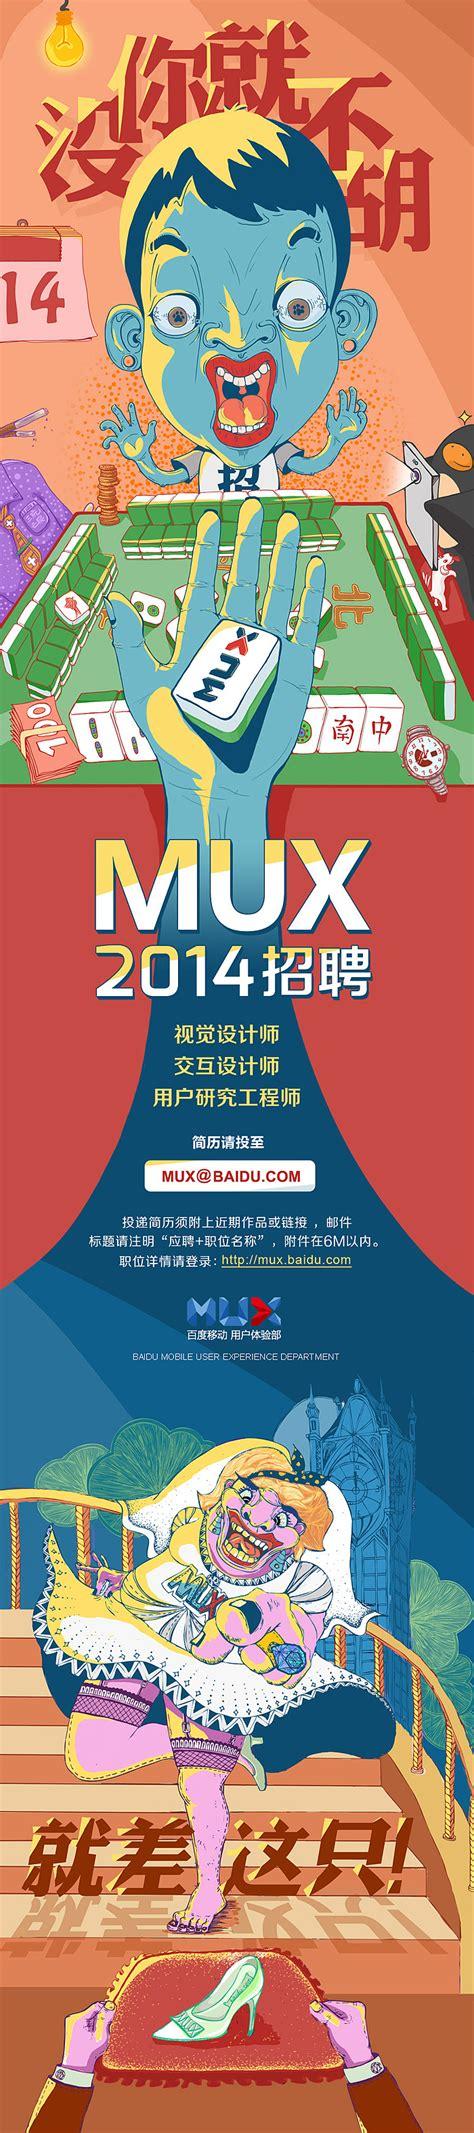 百度MUX-2014招聘海报 插画 商业插画 百度MEUX - 原创作品 - 站酷 (ZCOOL)